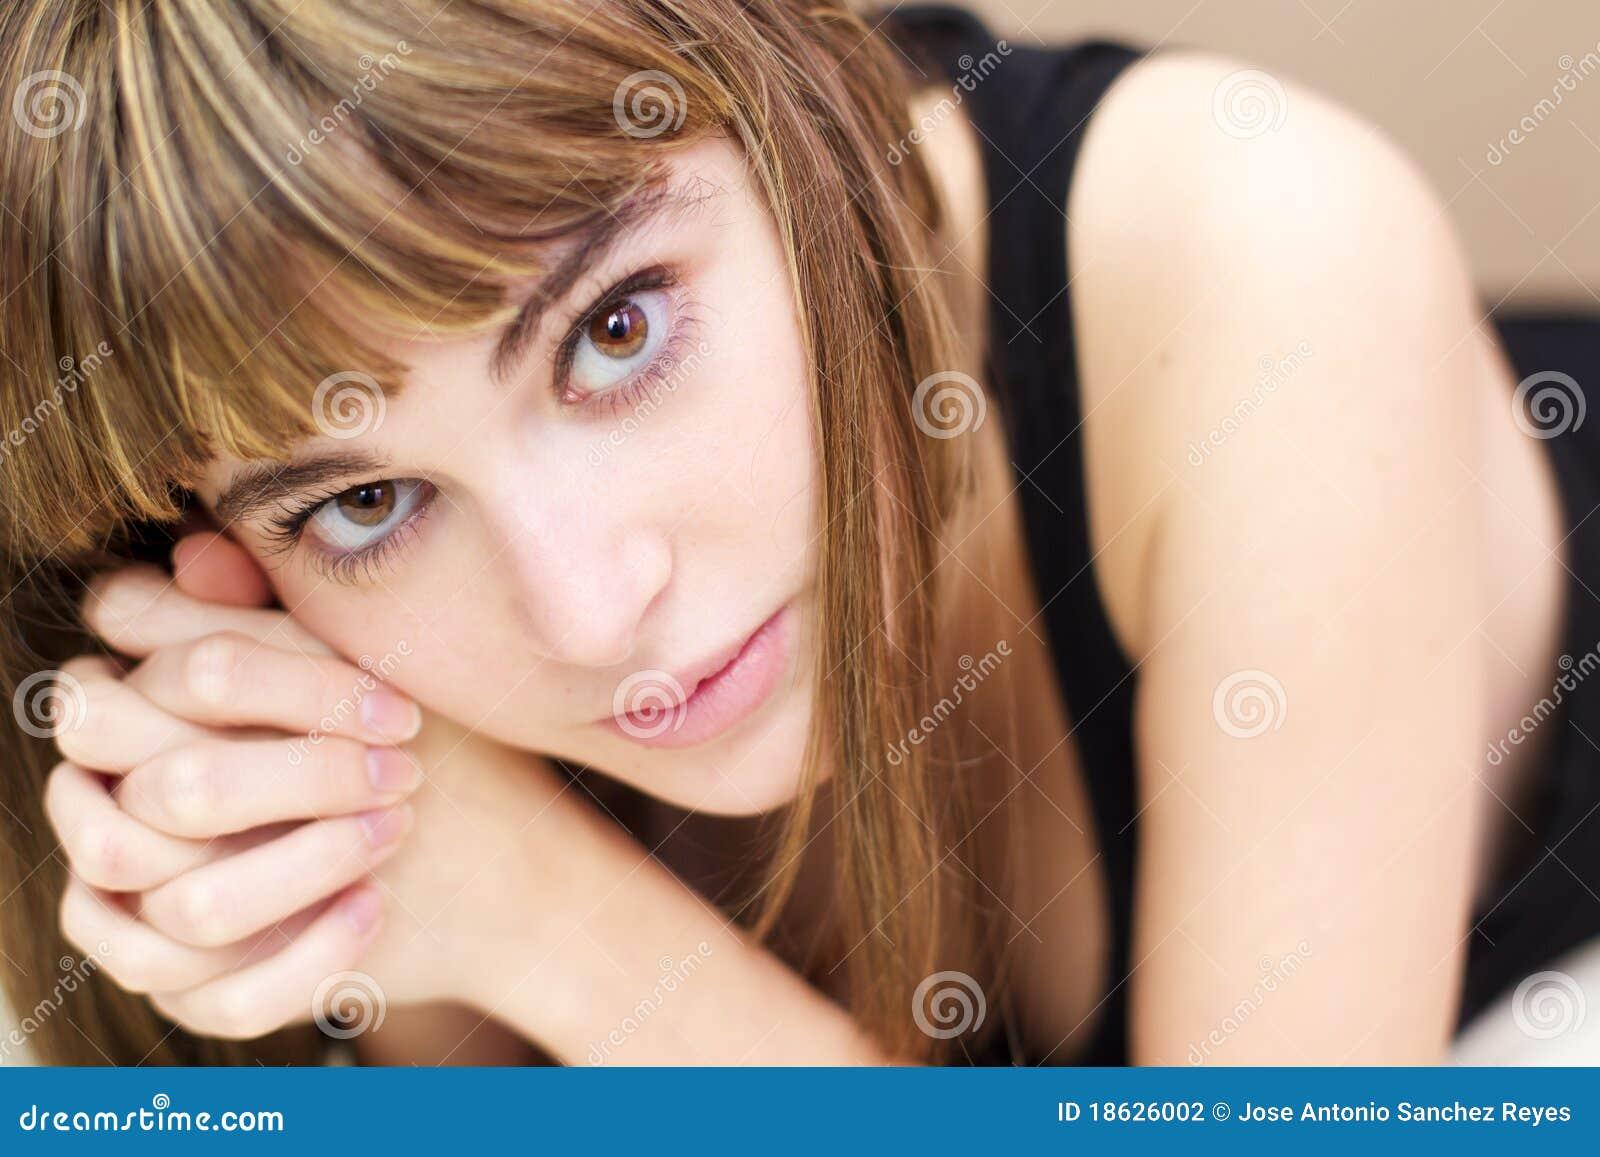 фото девушки задумчивые